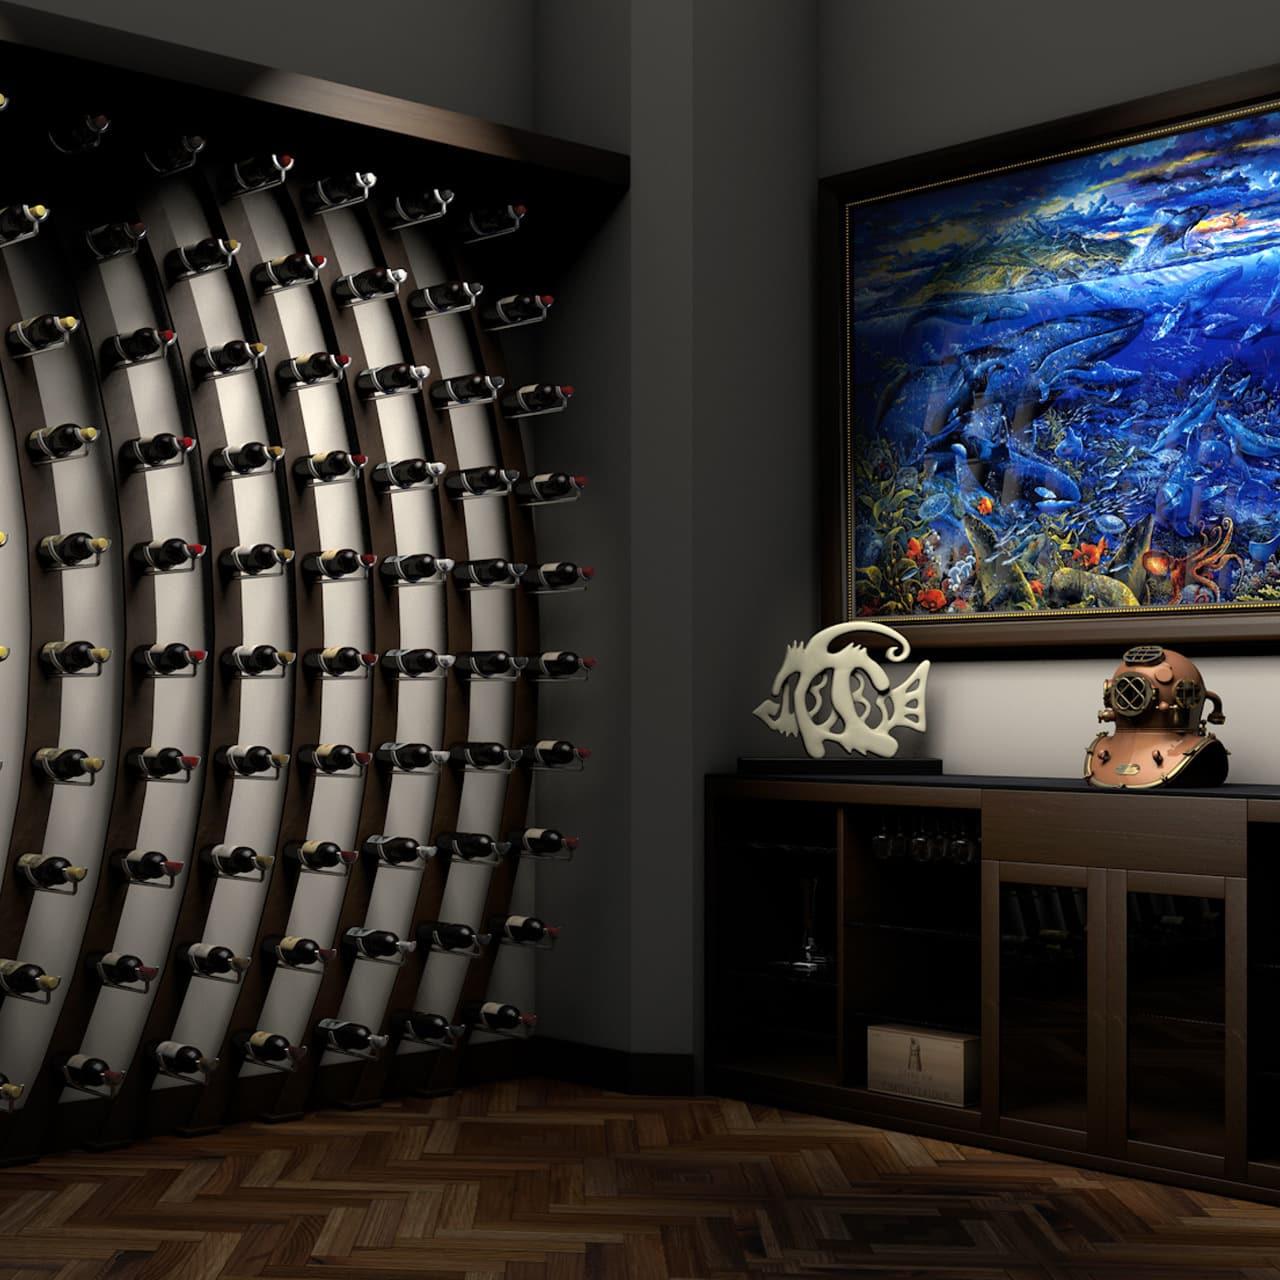 Ultra PEG Wine Saddle Series metal wine racks